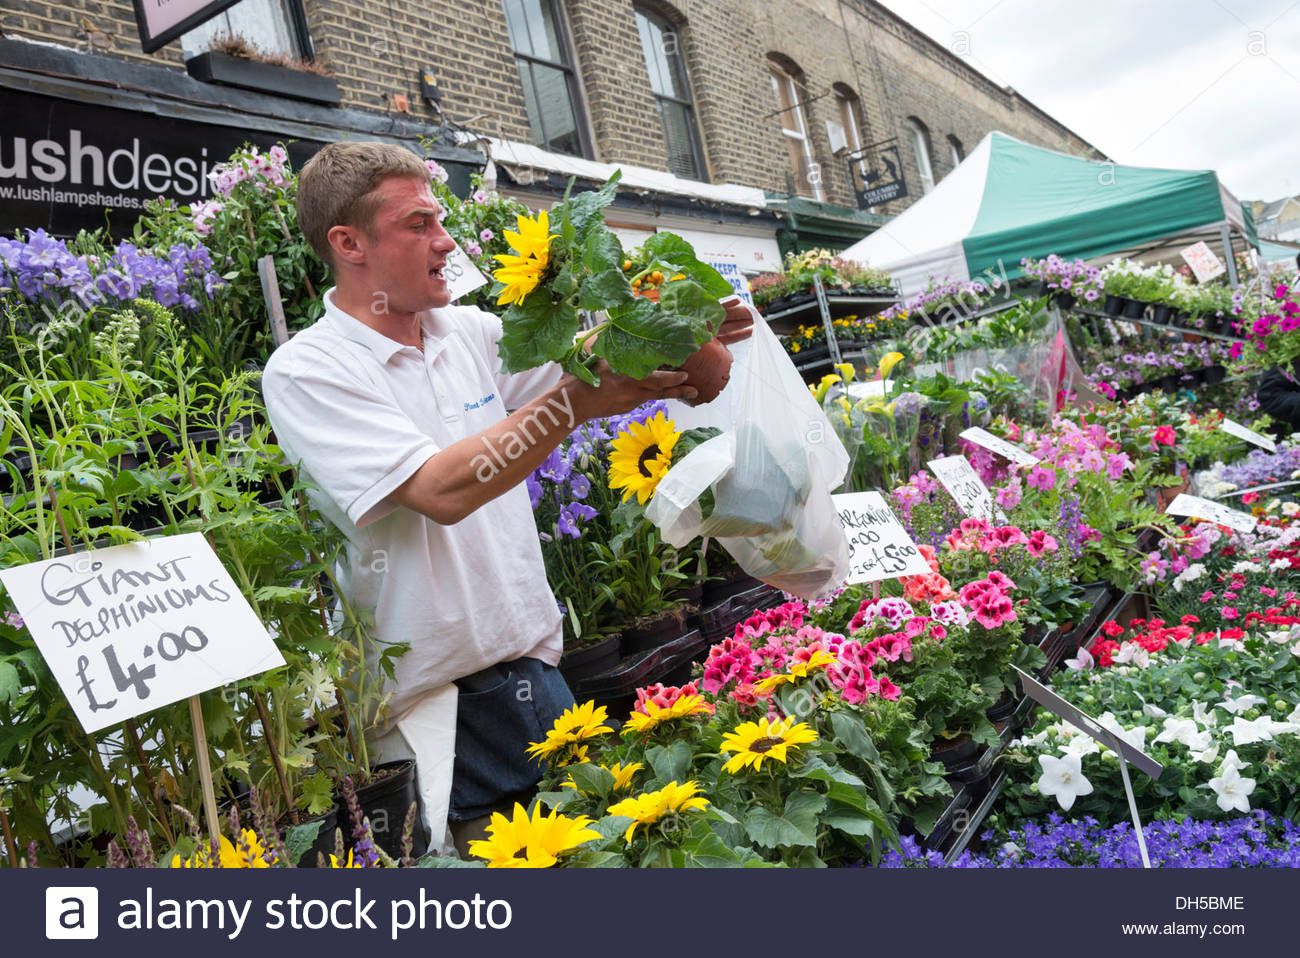 Commerçant rue vente de fleurs à Columbia Road Flower Market, London, England, UK Photo Stock